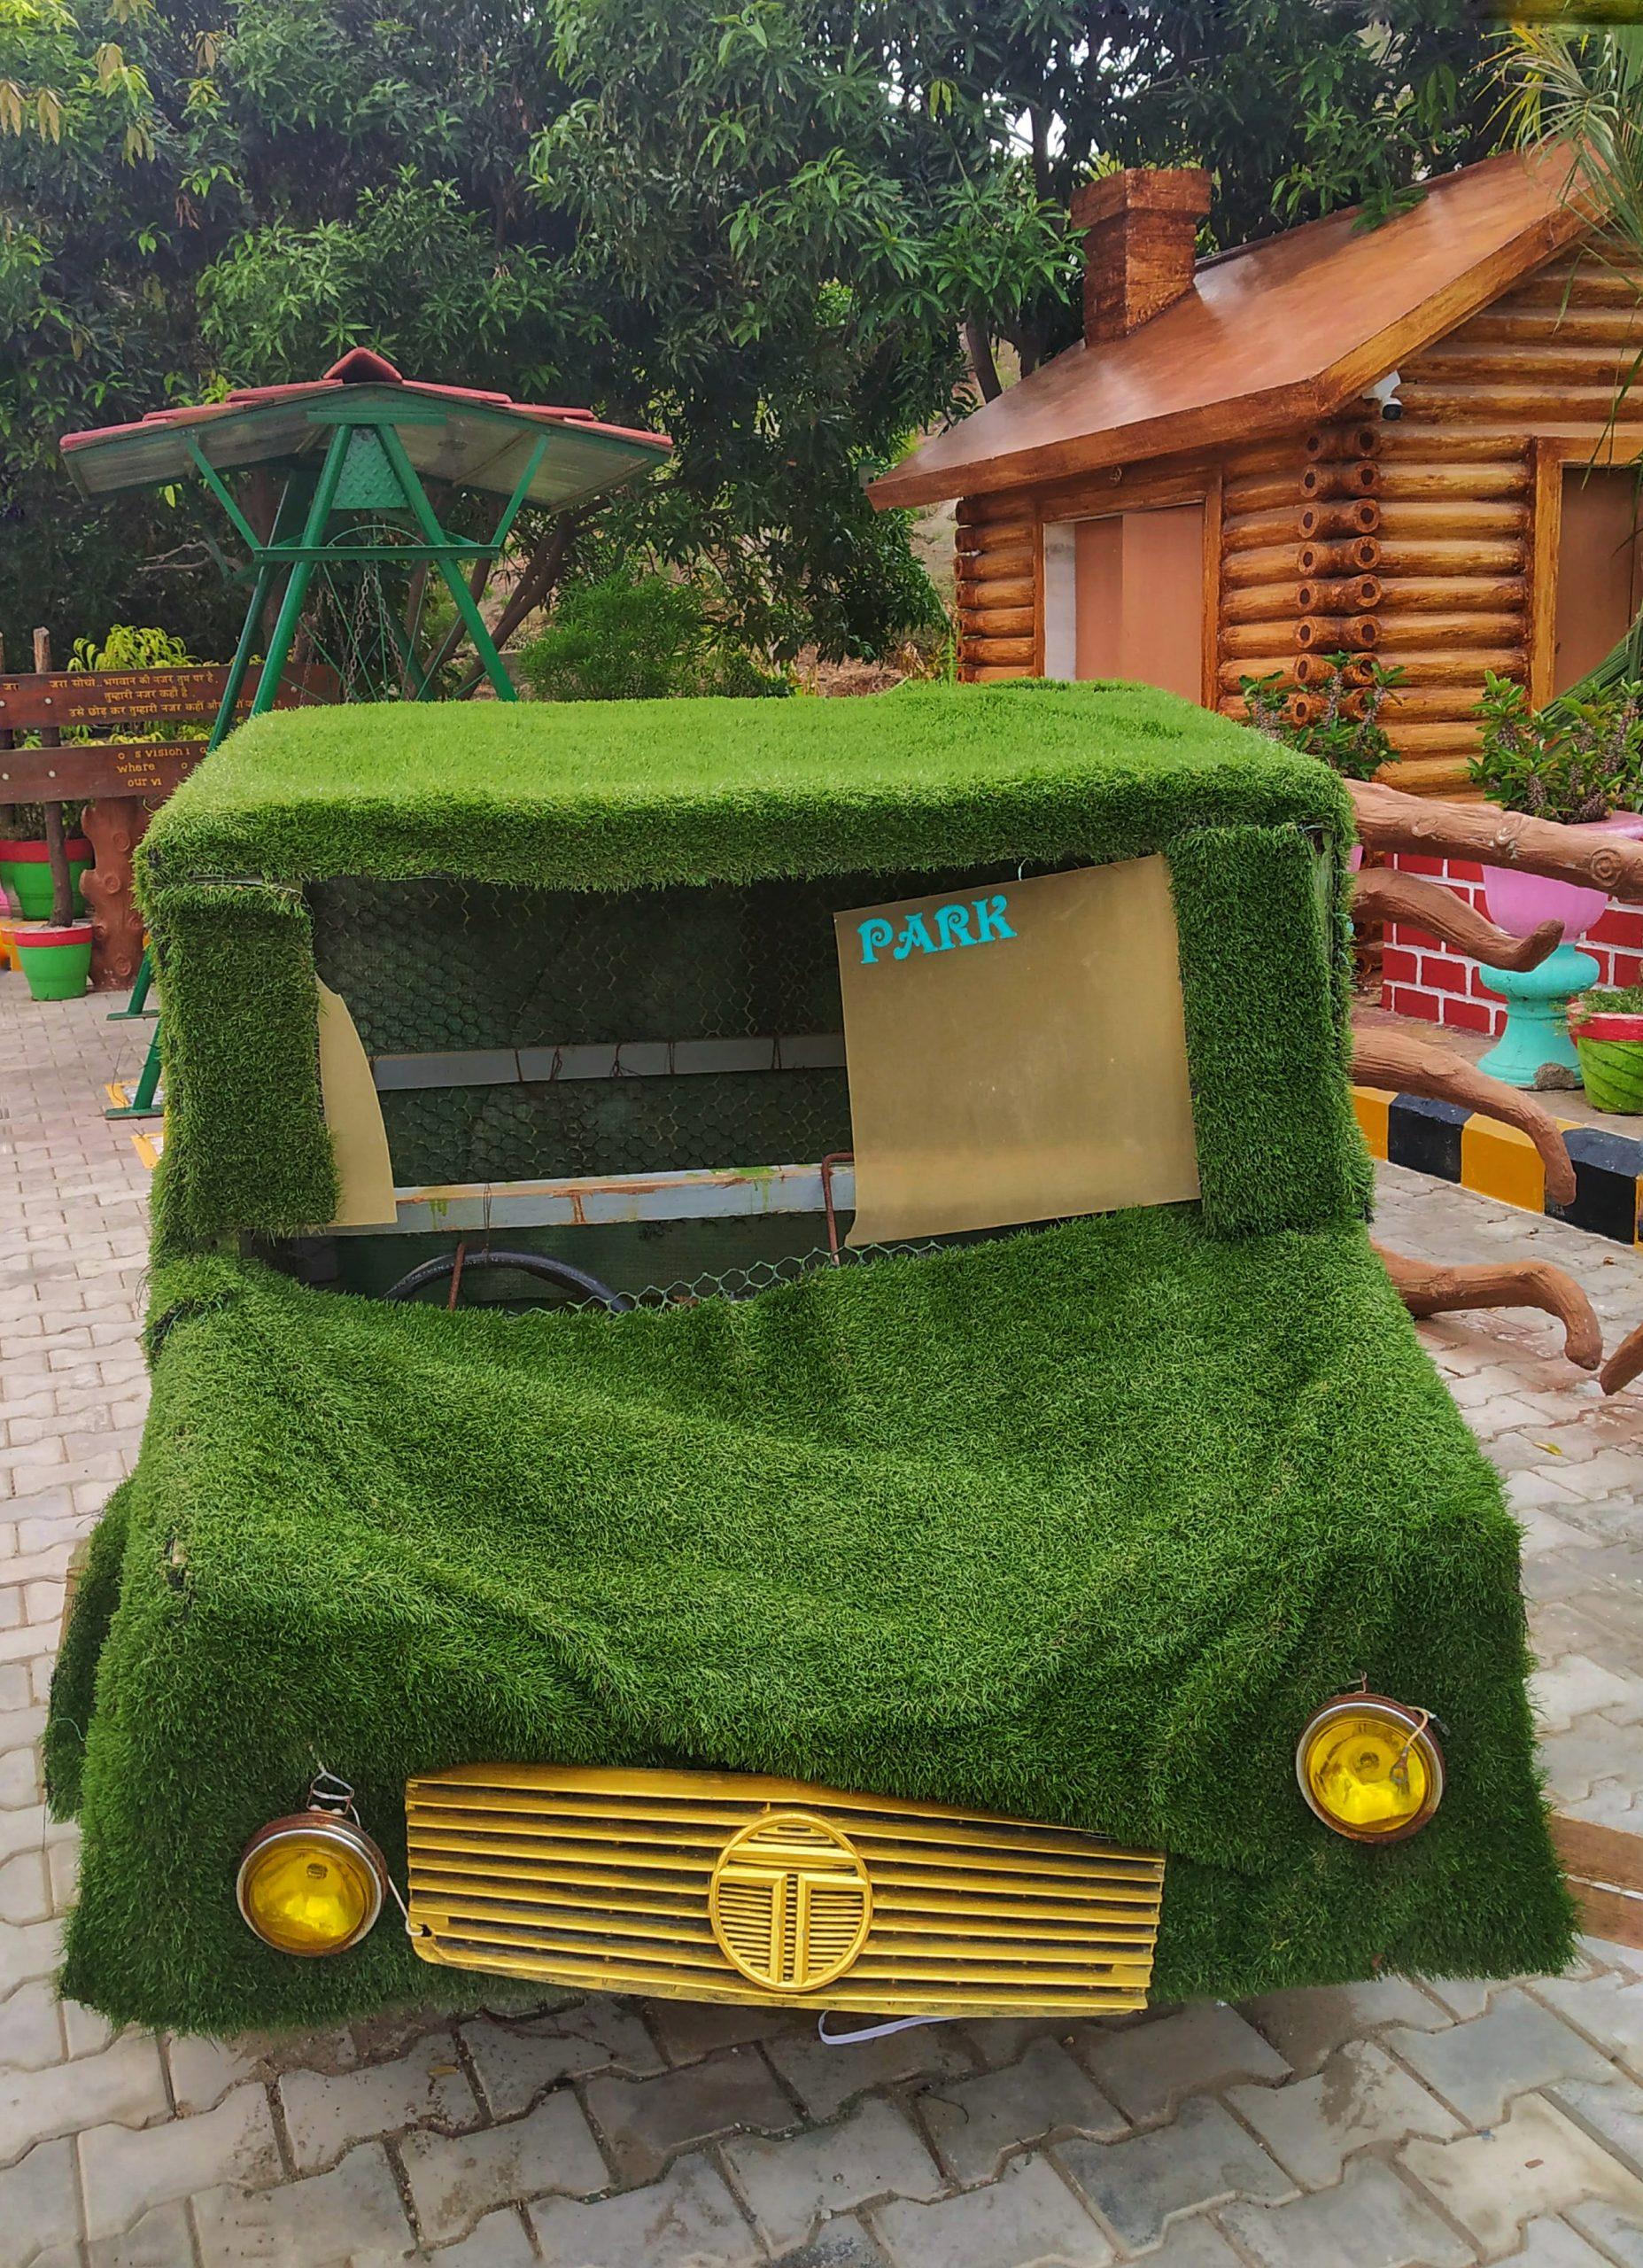 A showpiece car in a garden